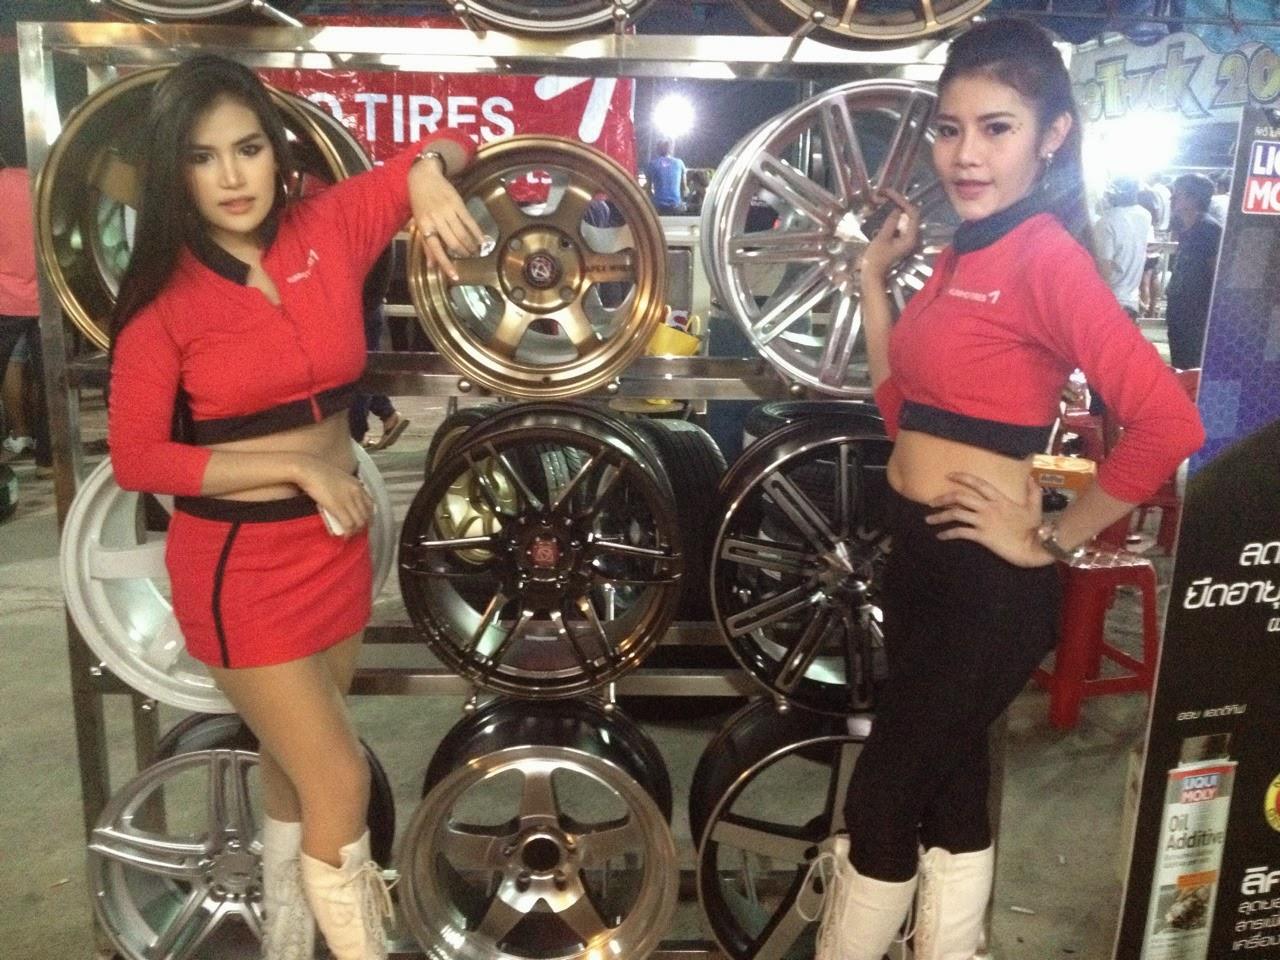 ยางรถคัมโฮ ล้อแม็กเอเพ็กซ์ งานแข่ง Drag RaceTruck